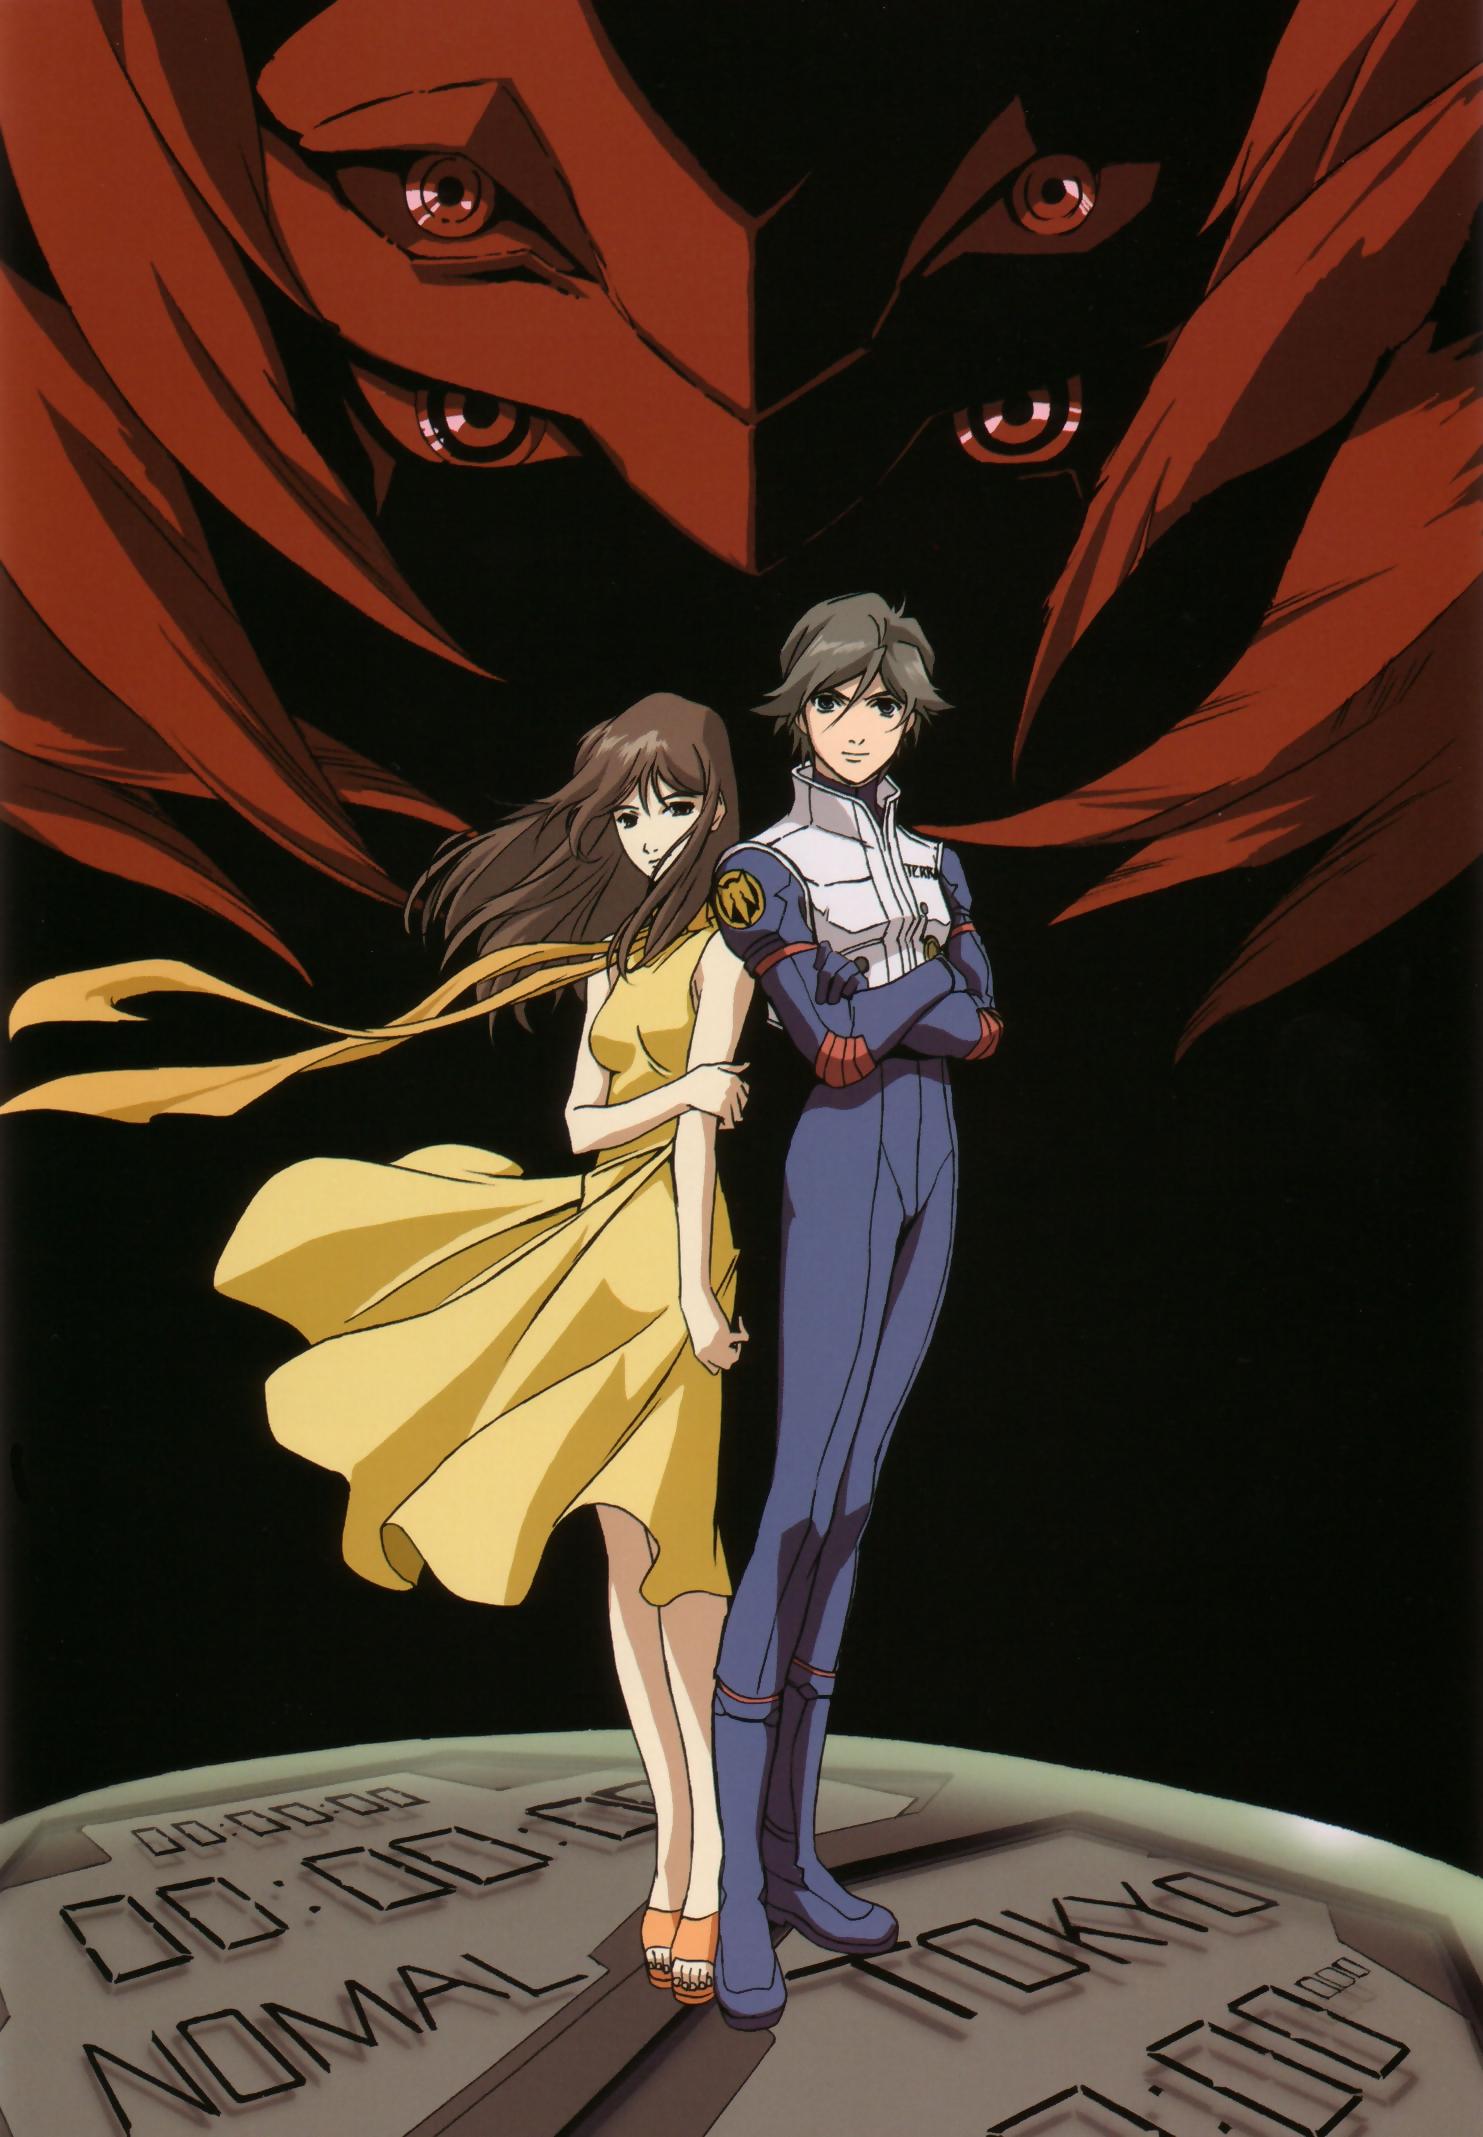 Anime Character Quon : Rahxephon zerochan anime image board